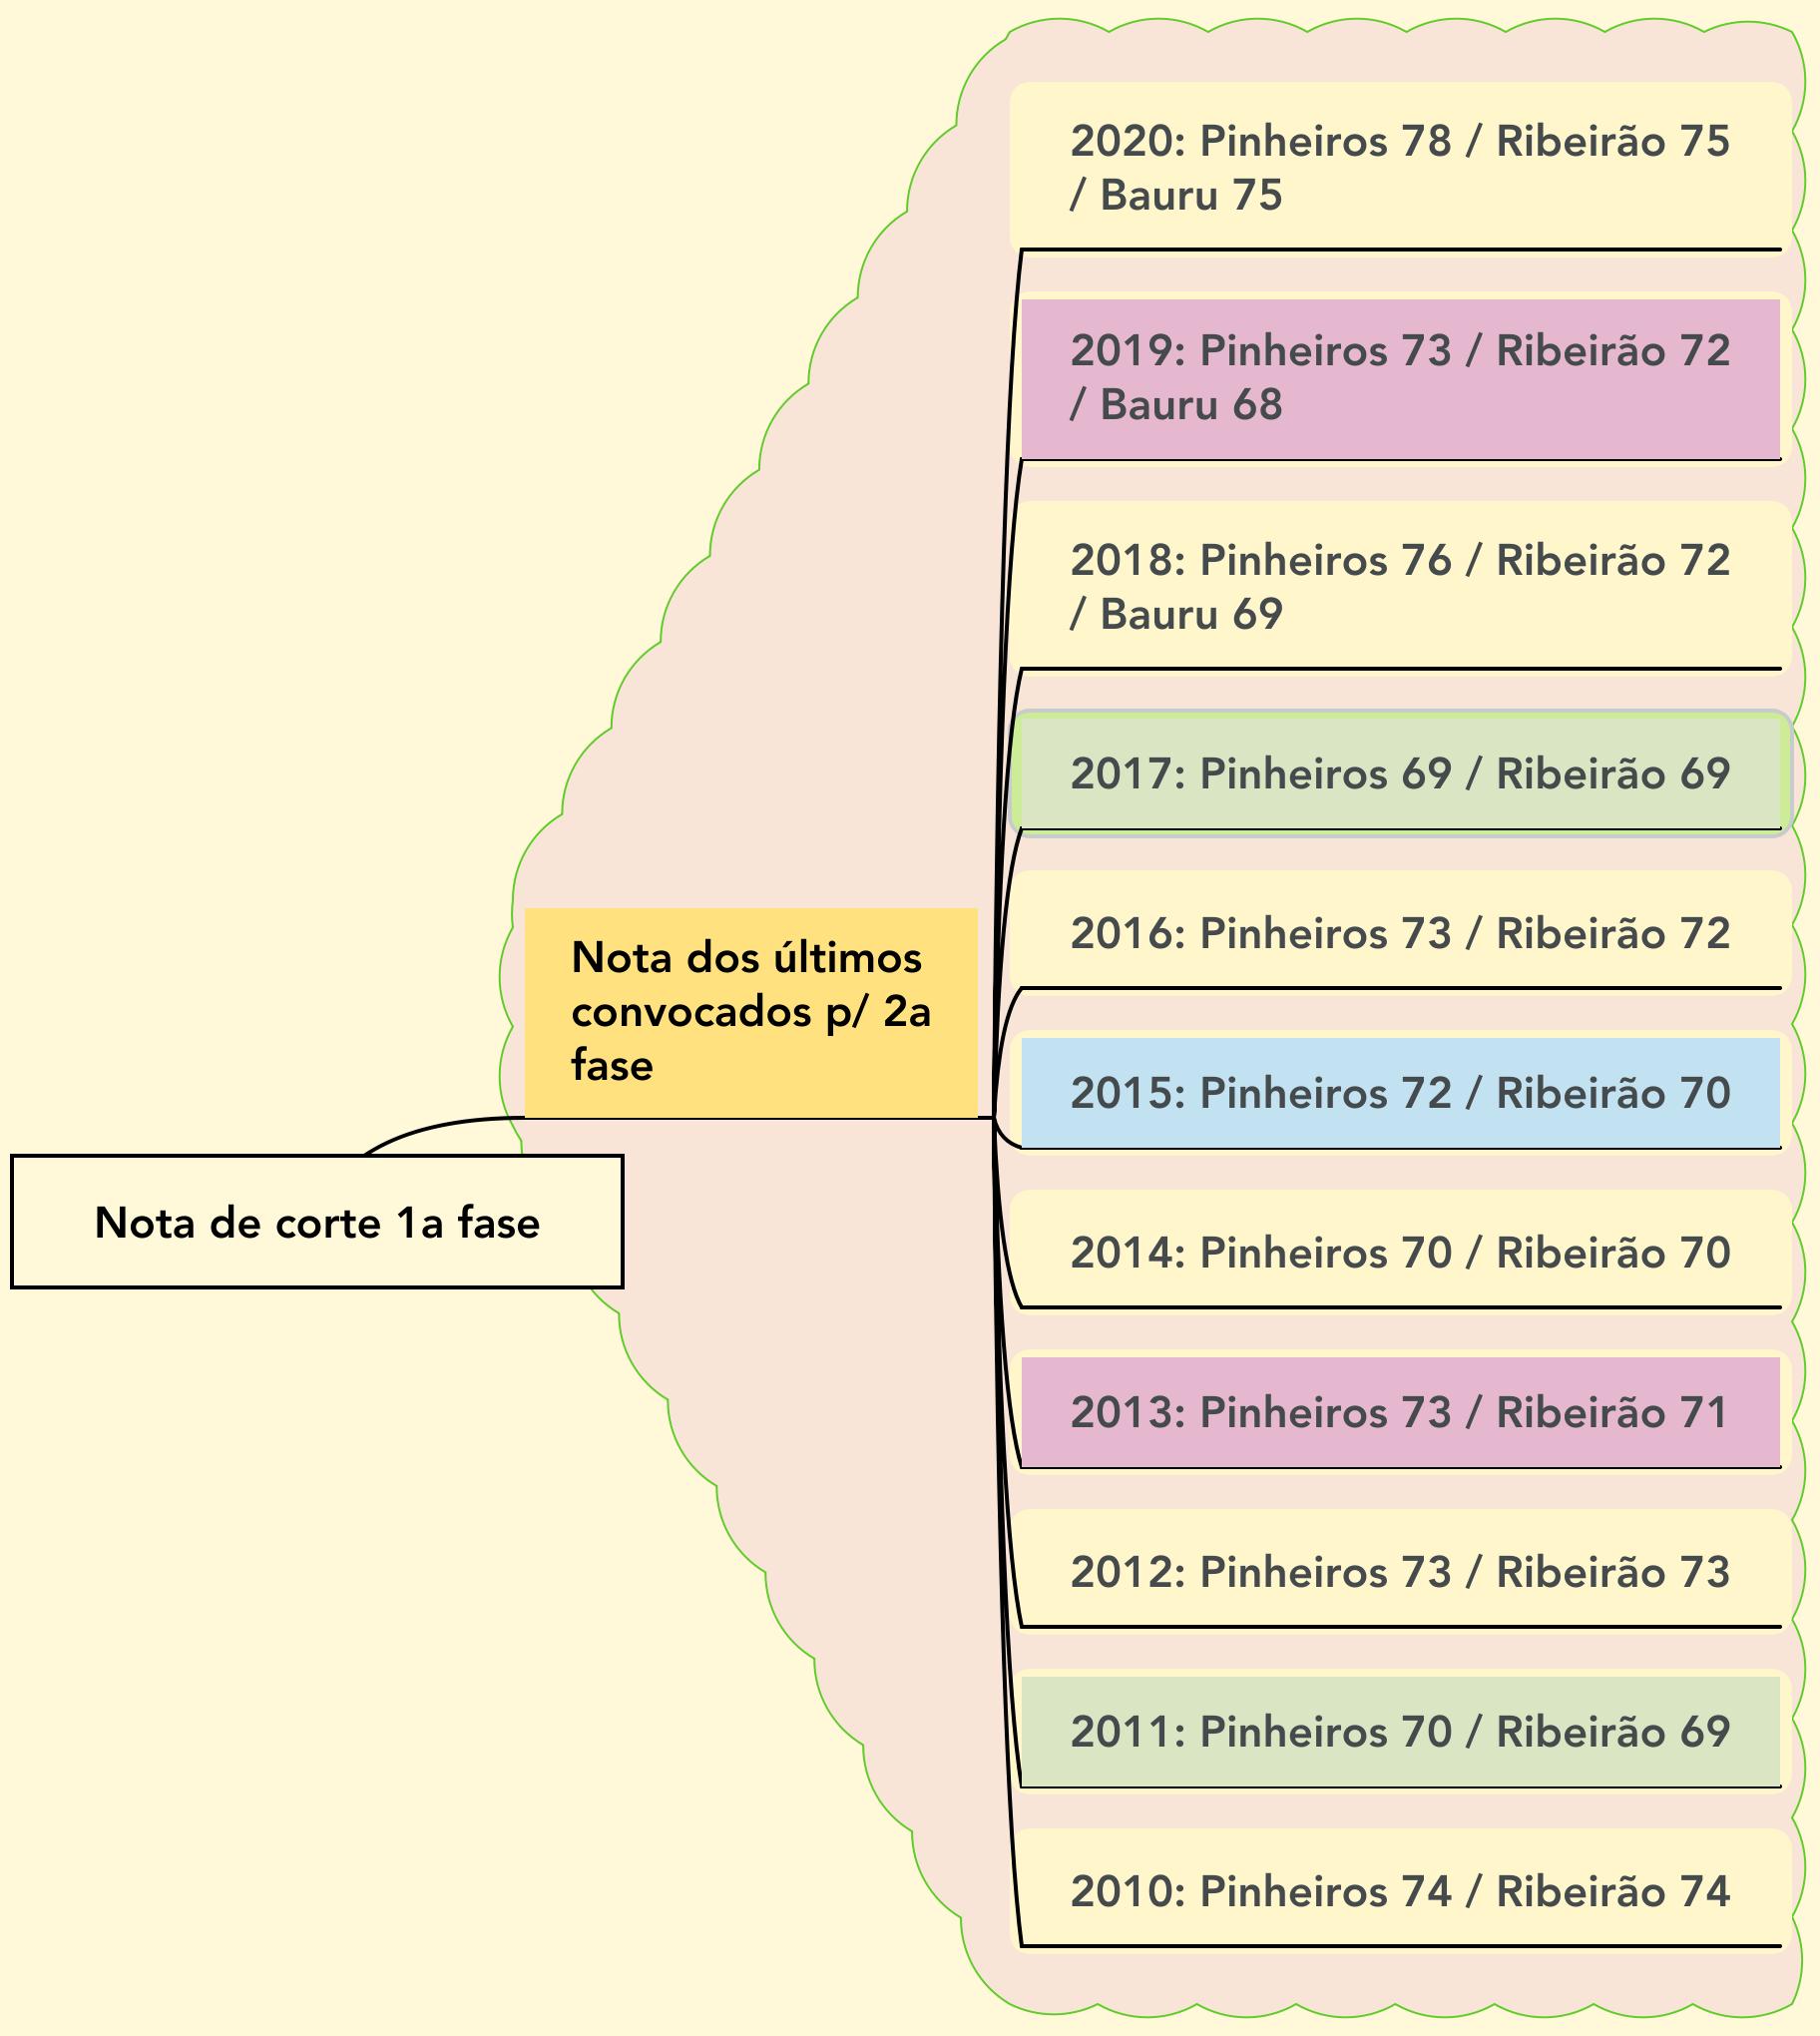 Notas de corte Fuvest Medicina Pinheiros, Ribeirão Preto e Bauru